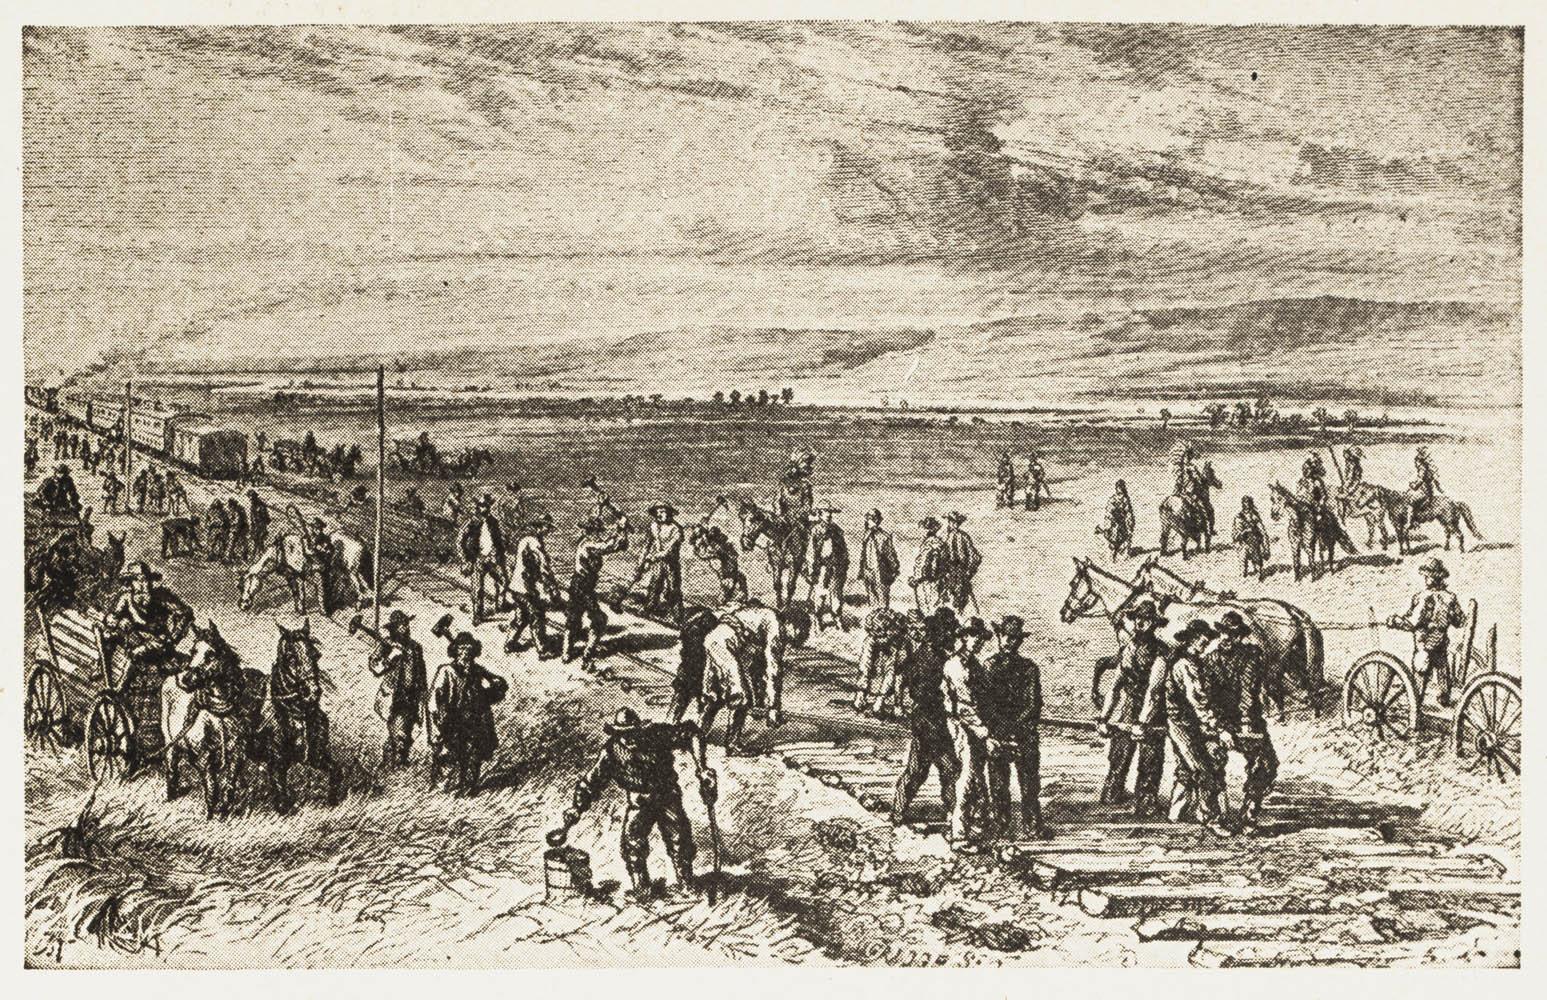 """Trabalhadores da rede férrea da """"Union Pacific Railroad"""" em Nebraska. A ilustração retrata membros da nação Pawee que protegem os trabalhadores. Image online via the Linda Hall Library (Kansas City, Missouri)"""